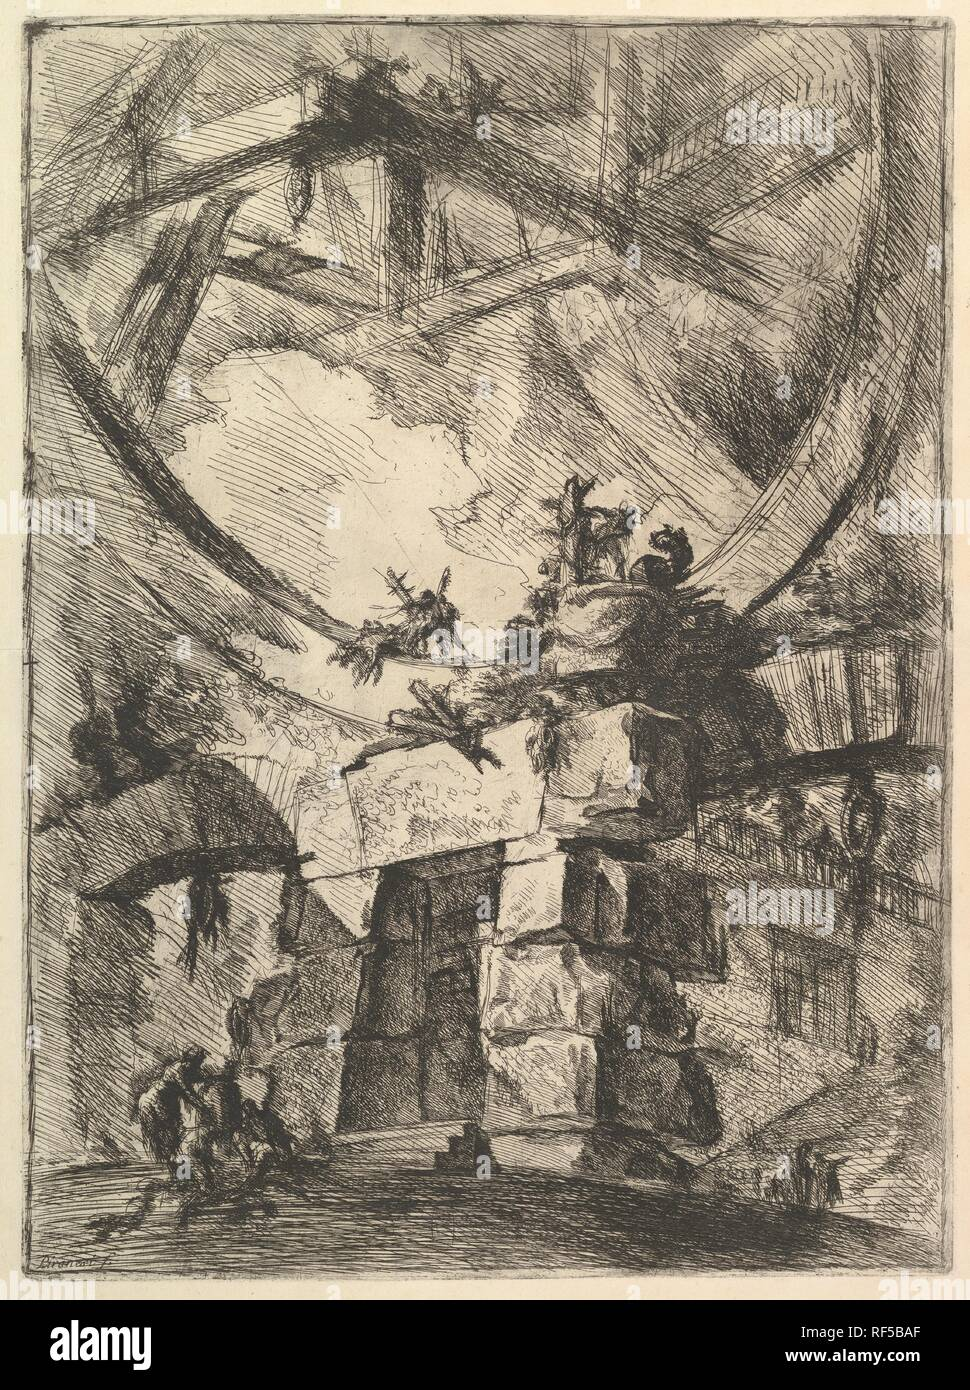 The Giant Wheel, from Carceri d'invenzioni (Imaginary Prisons). Artist: Giovanni Battista Piranesi (Italian, Mogliano Veneto 1720-1778 Rome). Dimensions: Sheet: 25 1/16 x 19 1/2 in. (63.6 x 49.5 cm)  Plate: 21 5/8 x 16 1/16 in. (55 x 40.8 cm). Publisher: Giovanni Bouchard (French, ca. 1716-1795). Series/Portfolio: Carceri d'invenzione (Imaginary Prisons). Date: ca. 1749-50. Museum: Metropolitan Museum of Art, New York, USA. Stock Photo